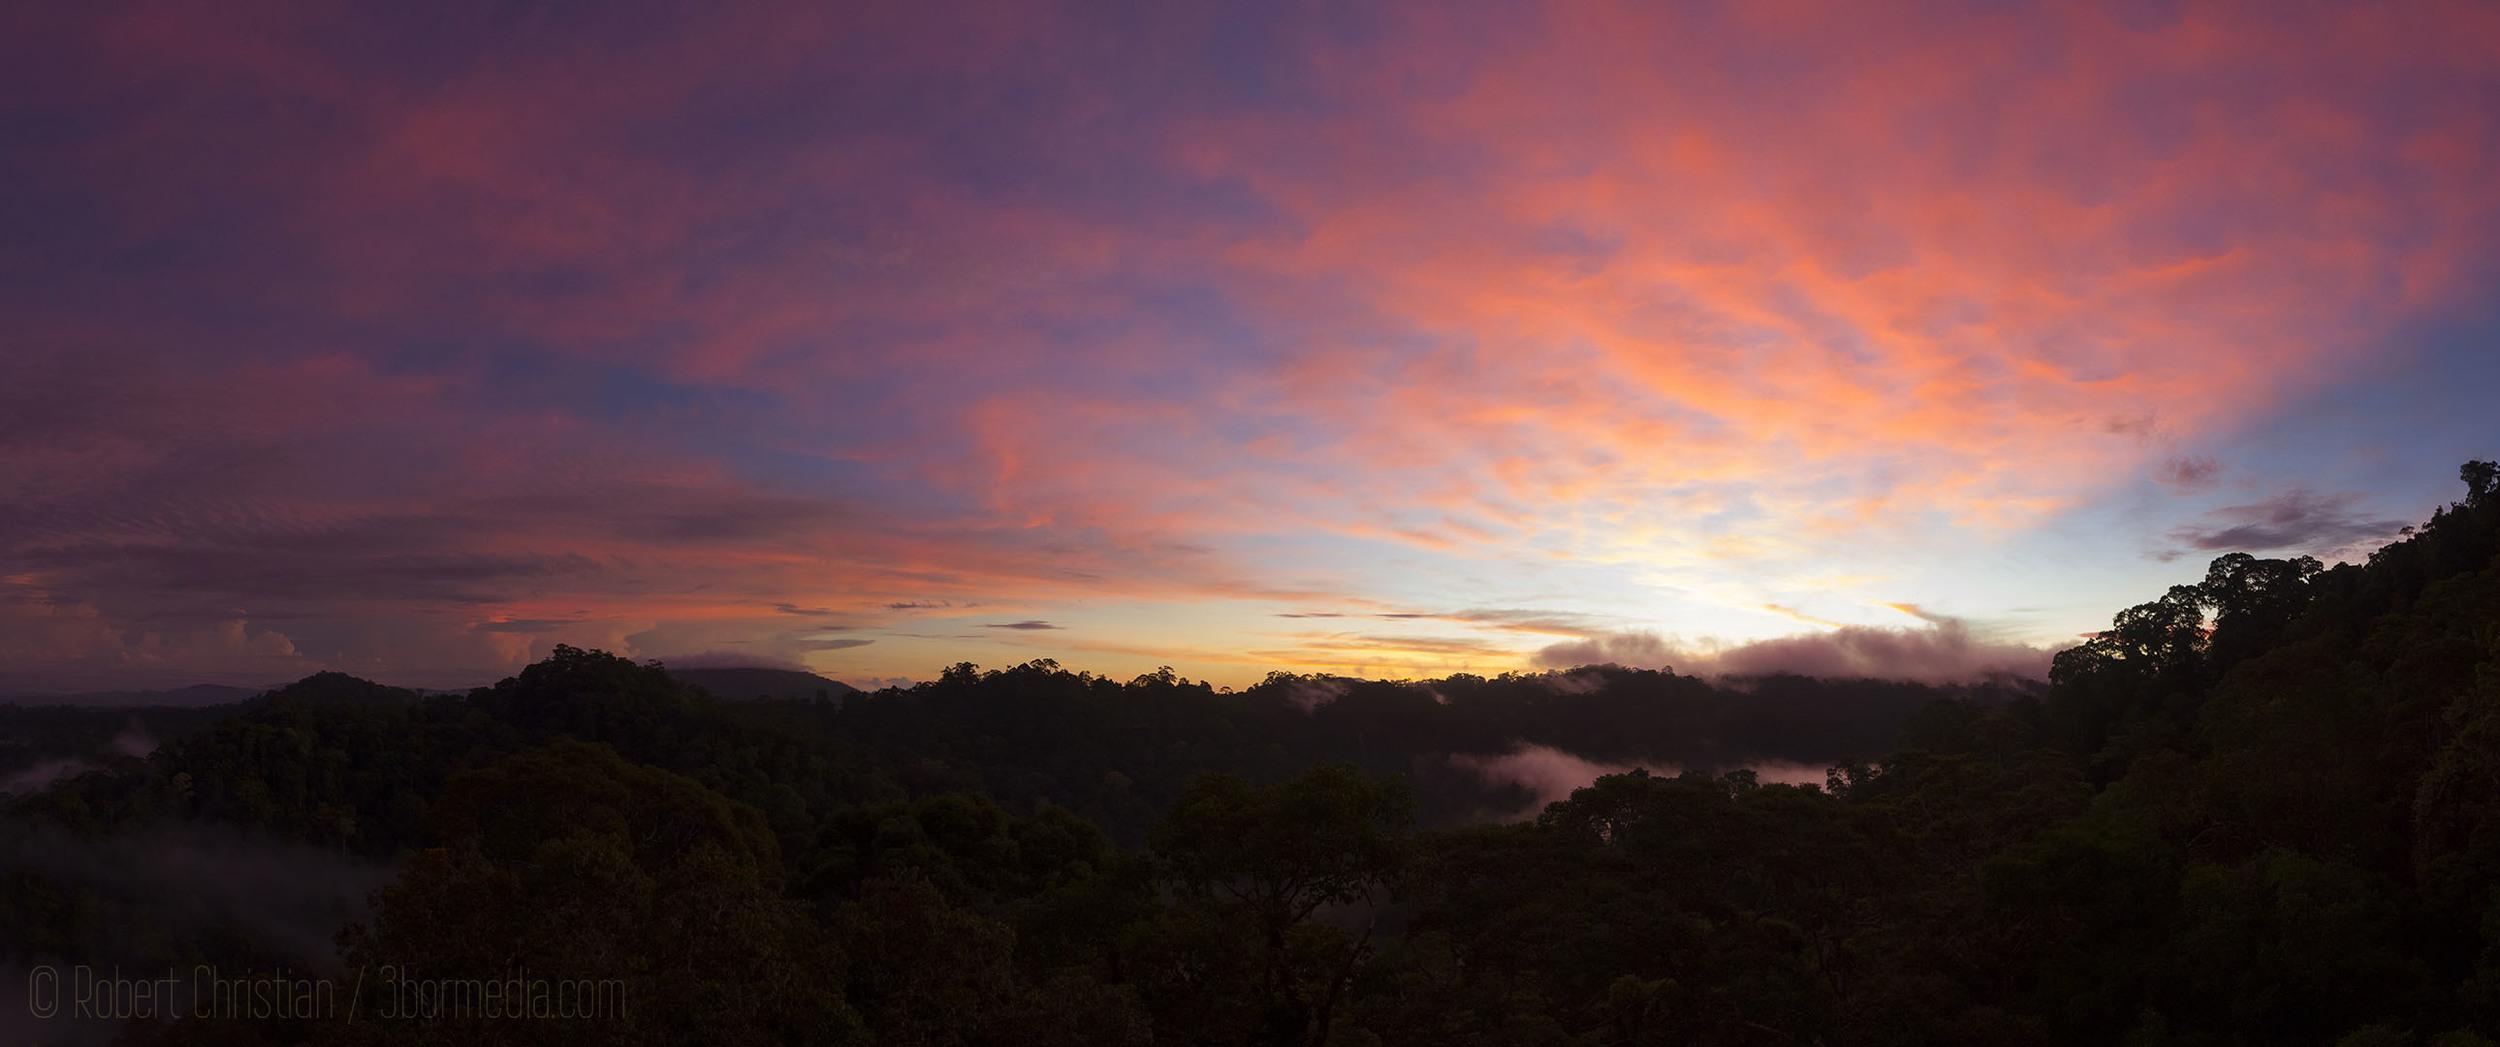 Sunrise at Ulu Temburong National Park.